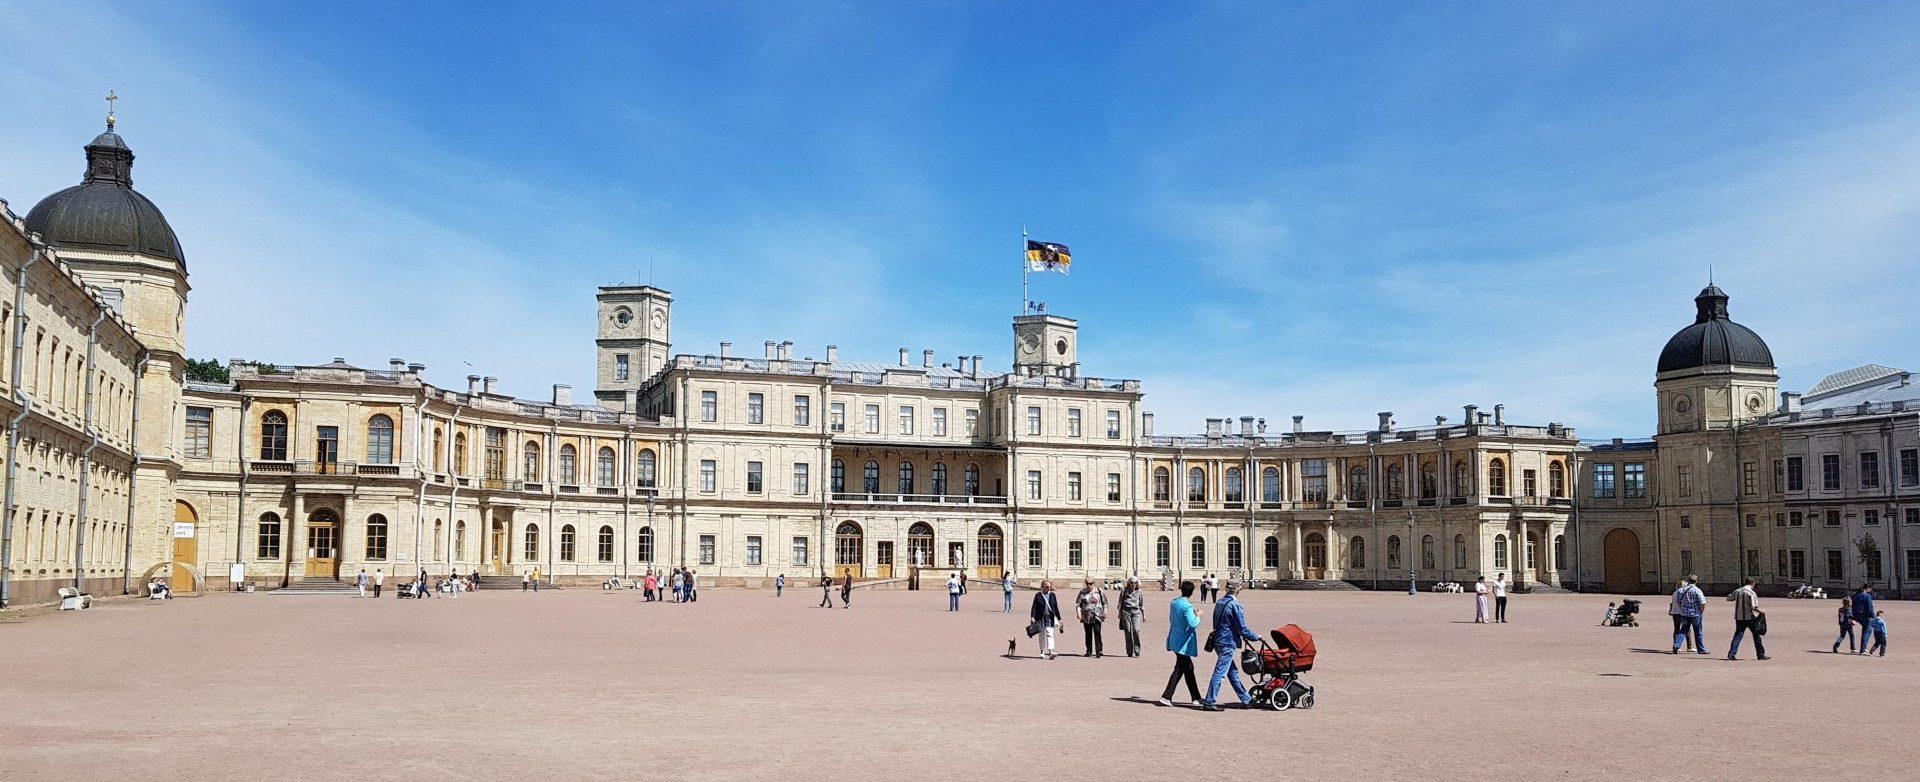 Экскурсия по Гатчинскому дворцу с гидом